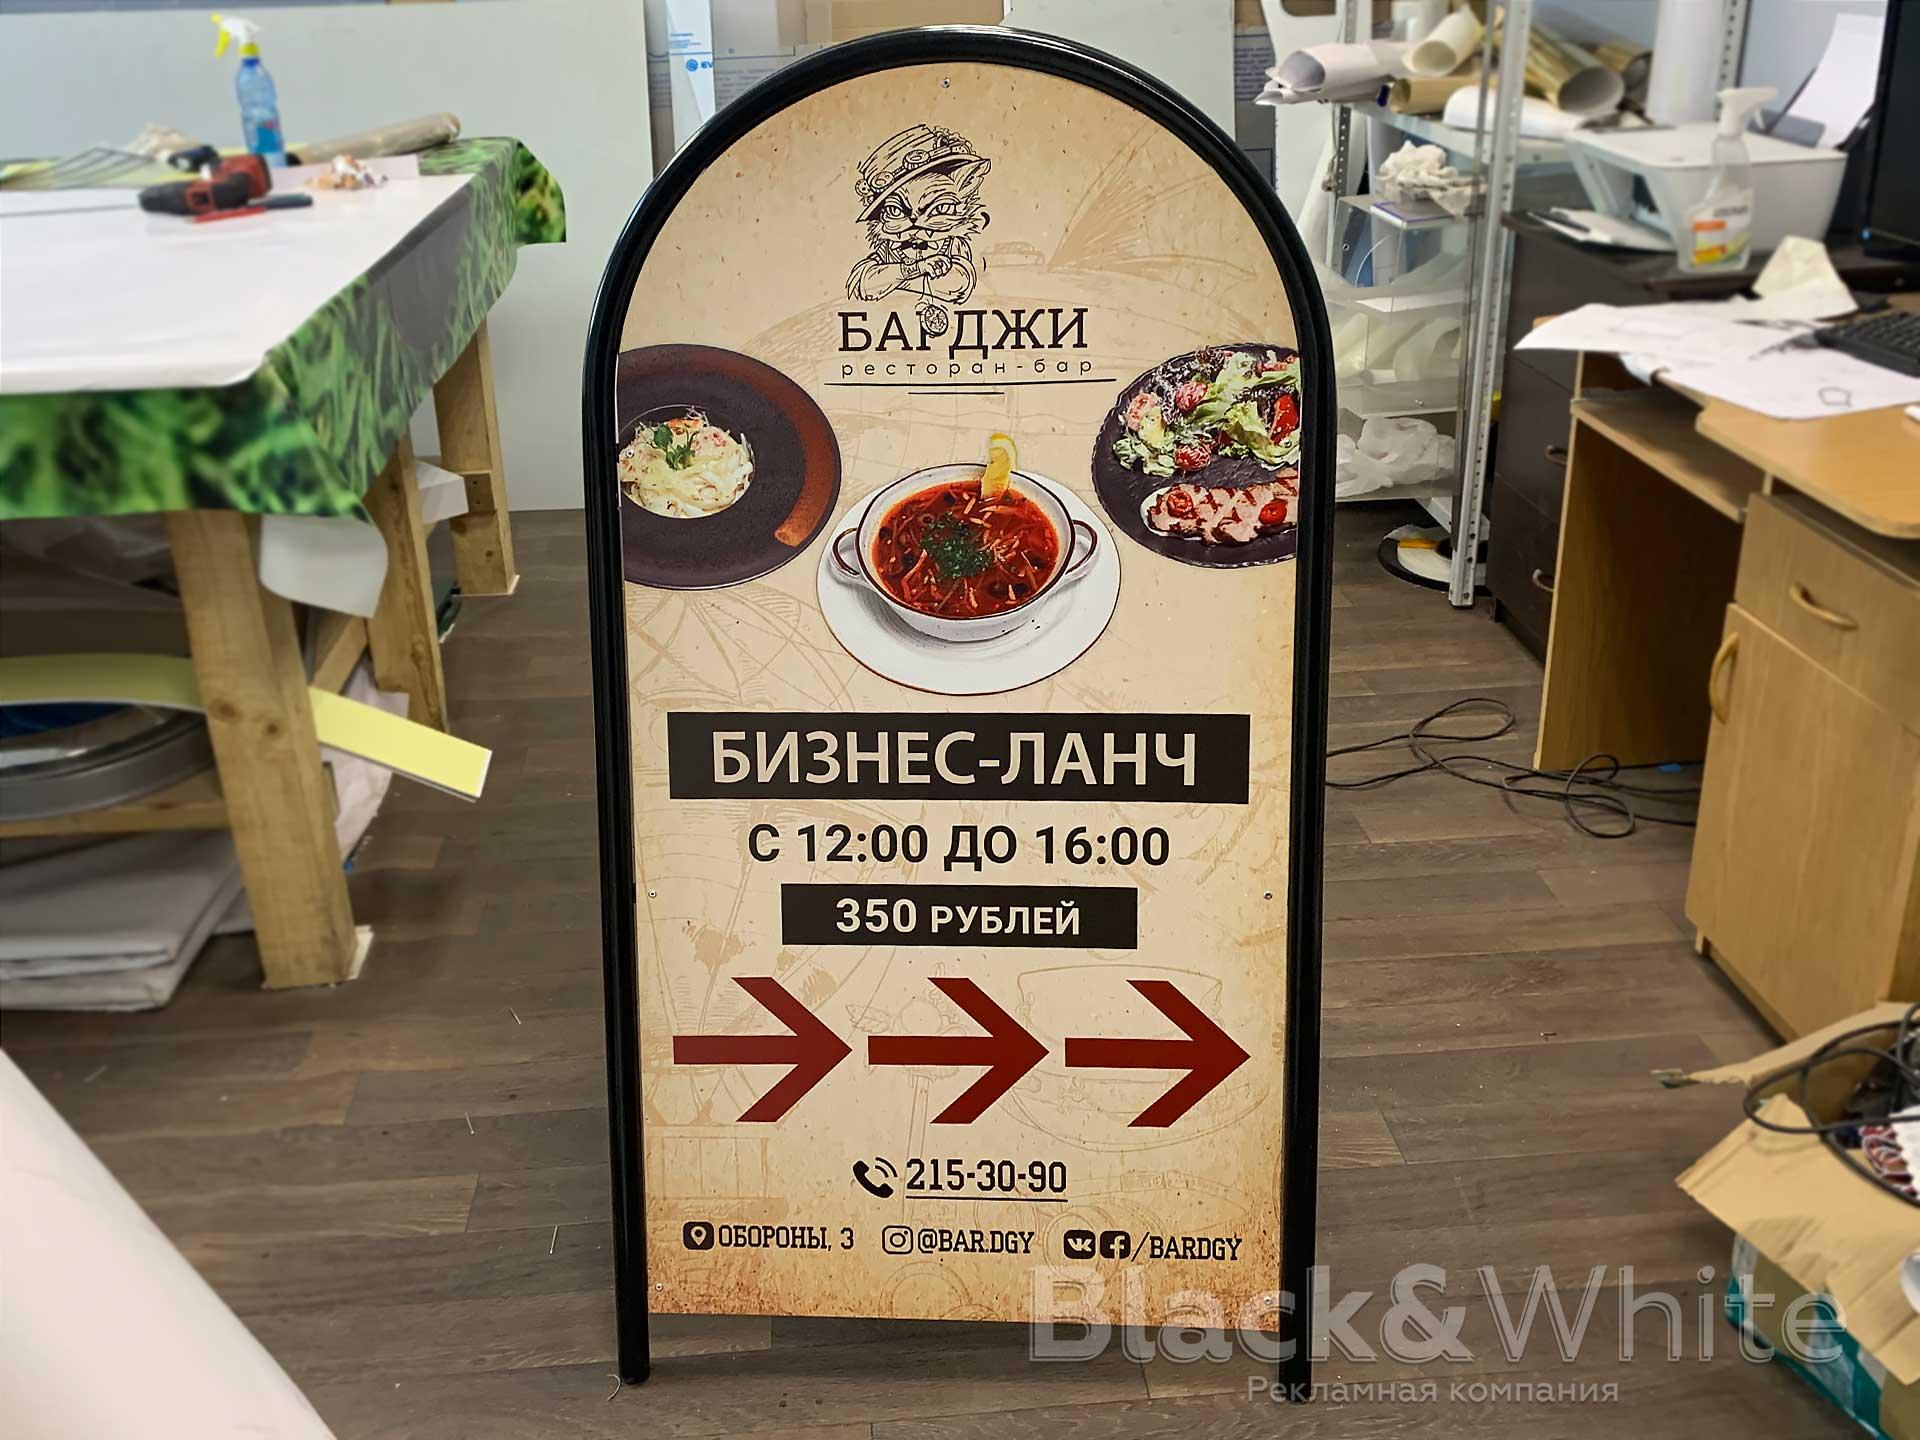 Арочный-штендер-изготовление-на-заказ-в-Красноярске.jpg